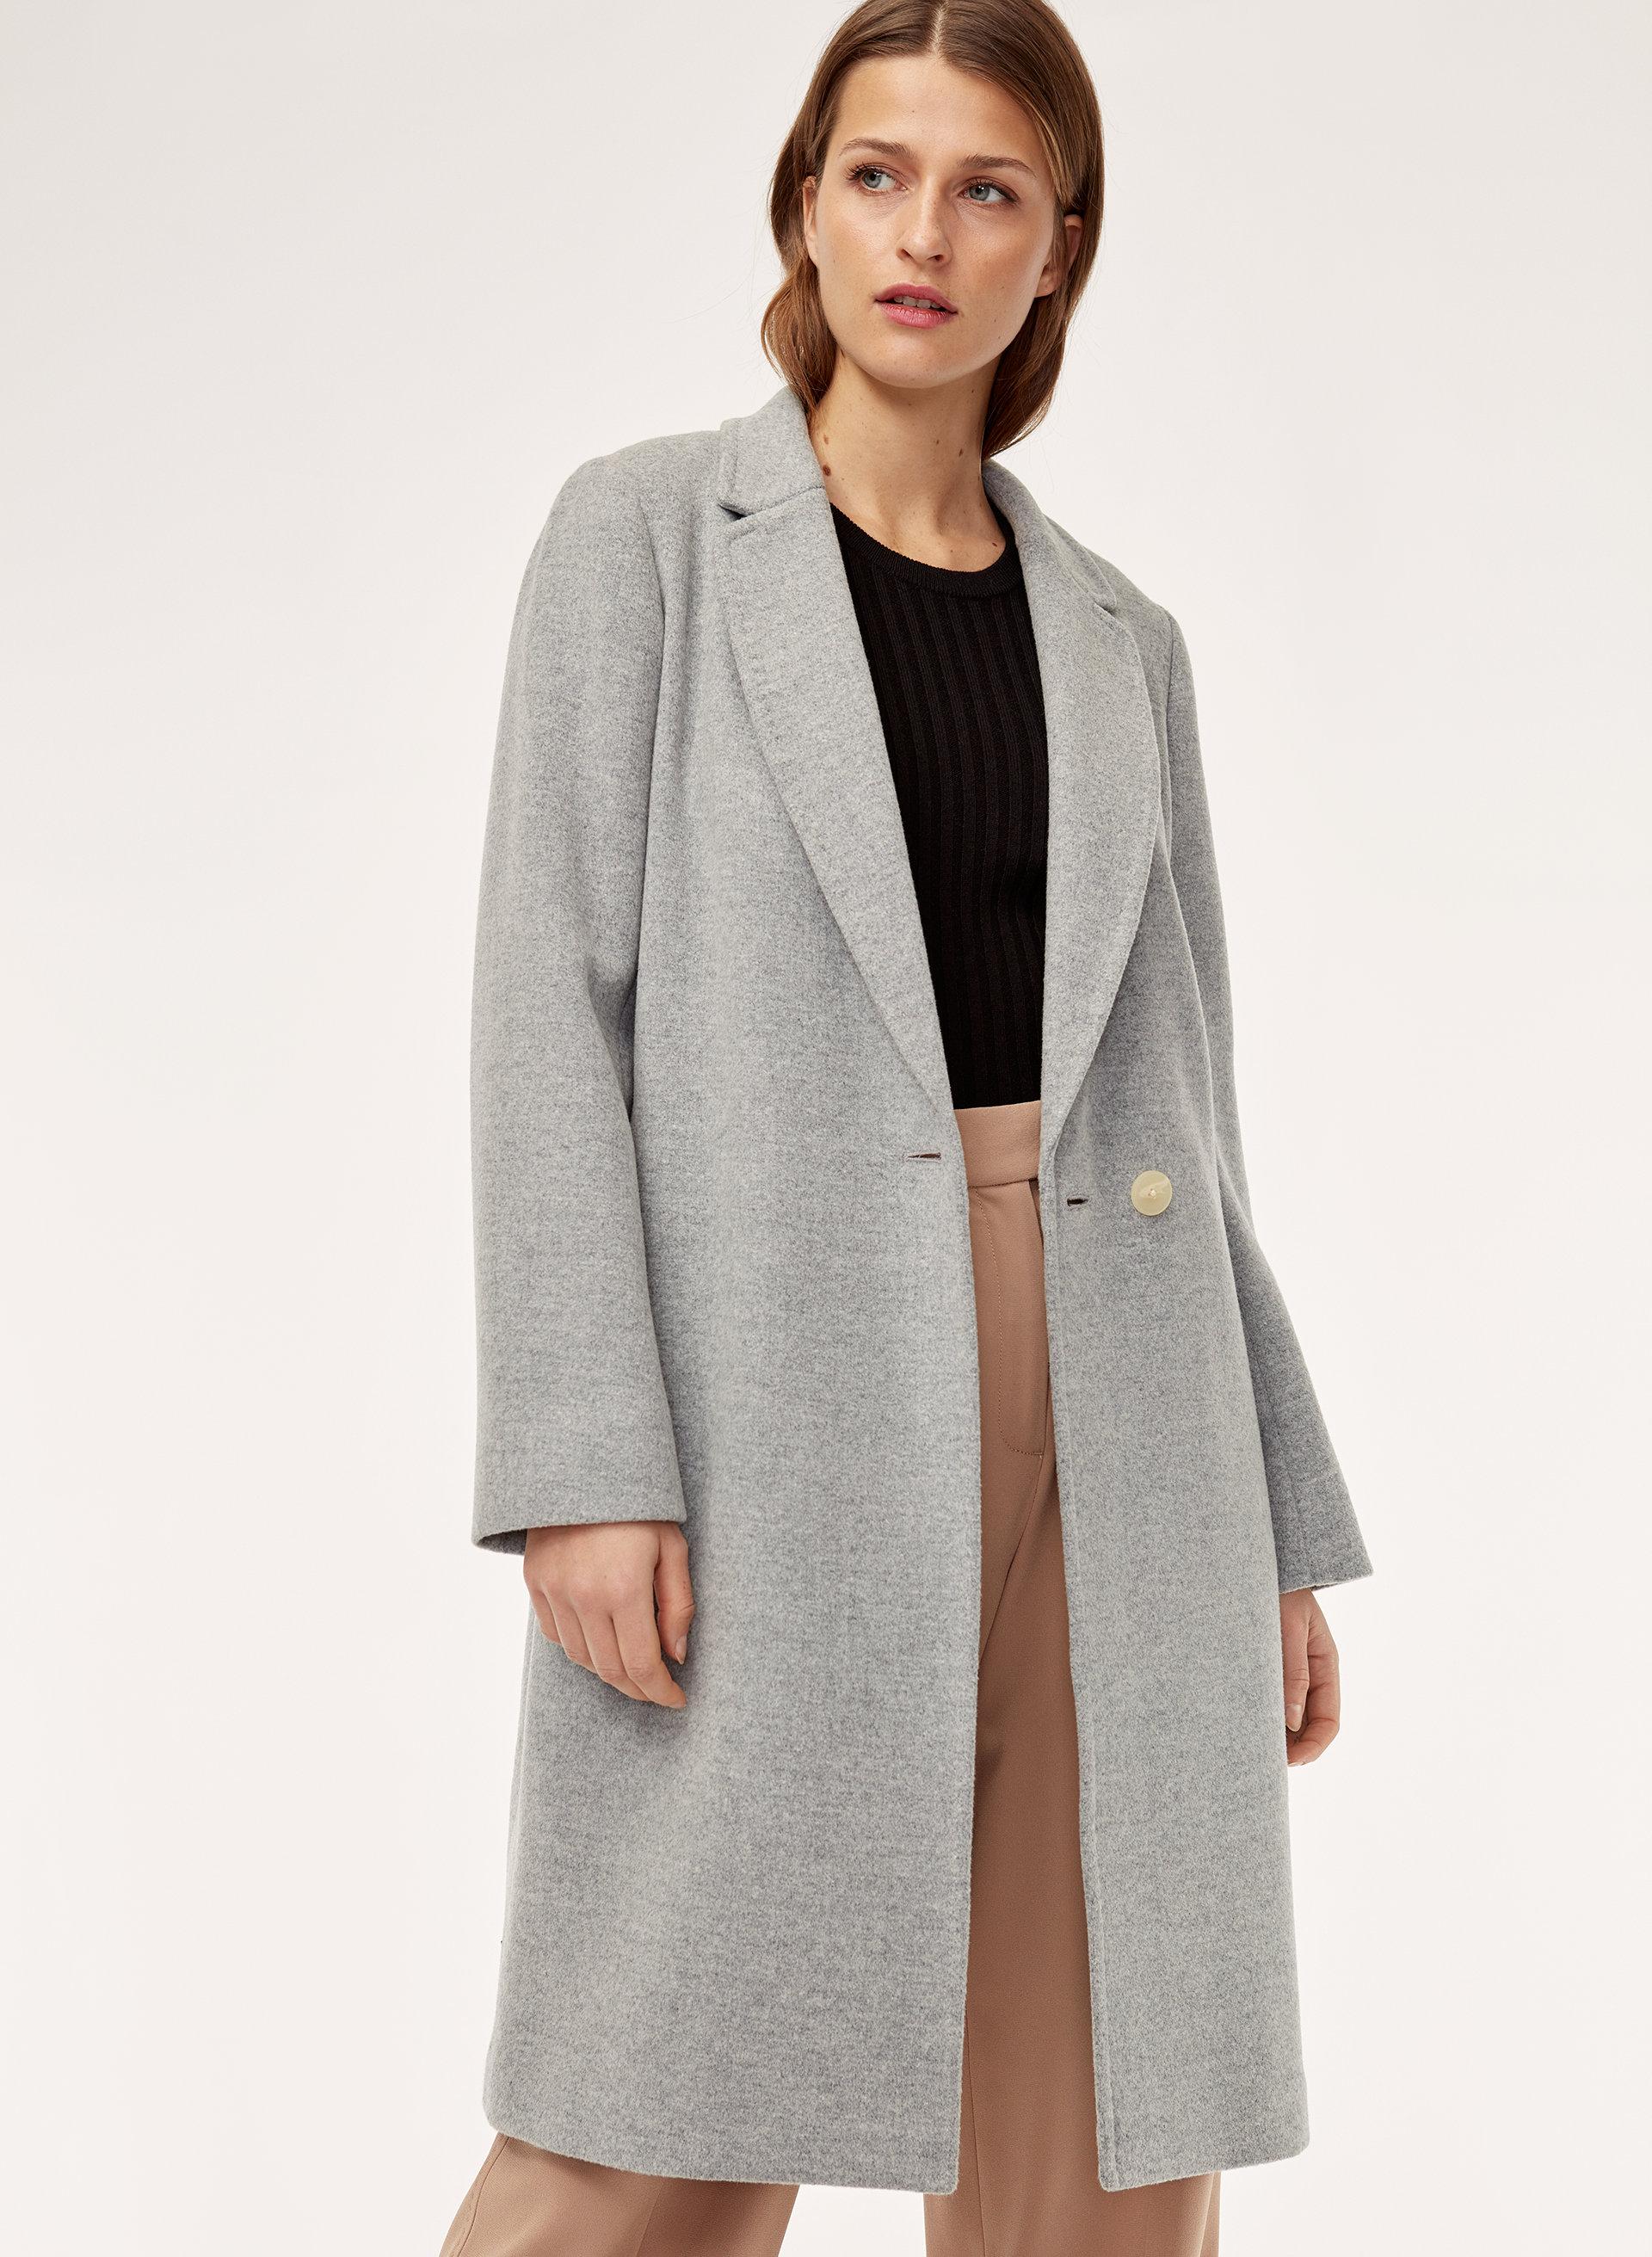 816decad04b0 stedman wool coat Mid-length, wool blend coat